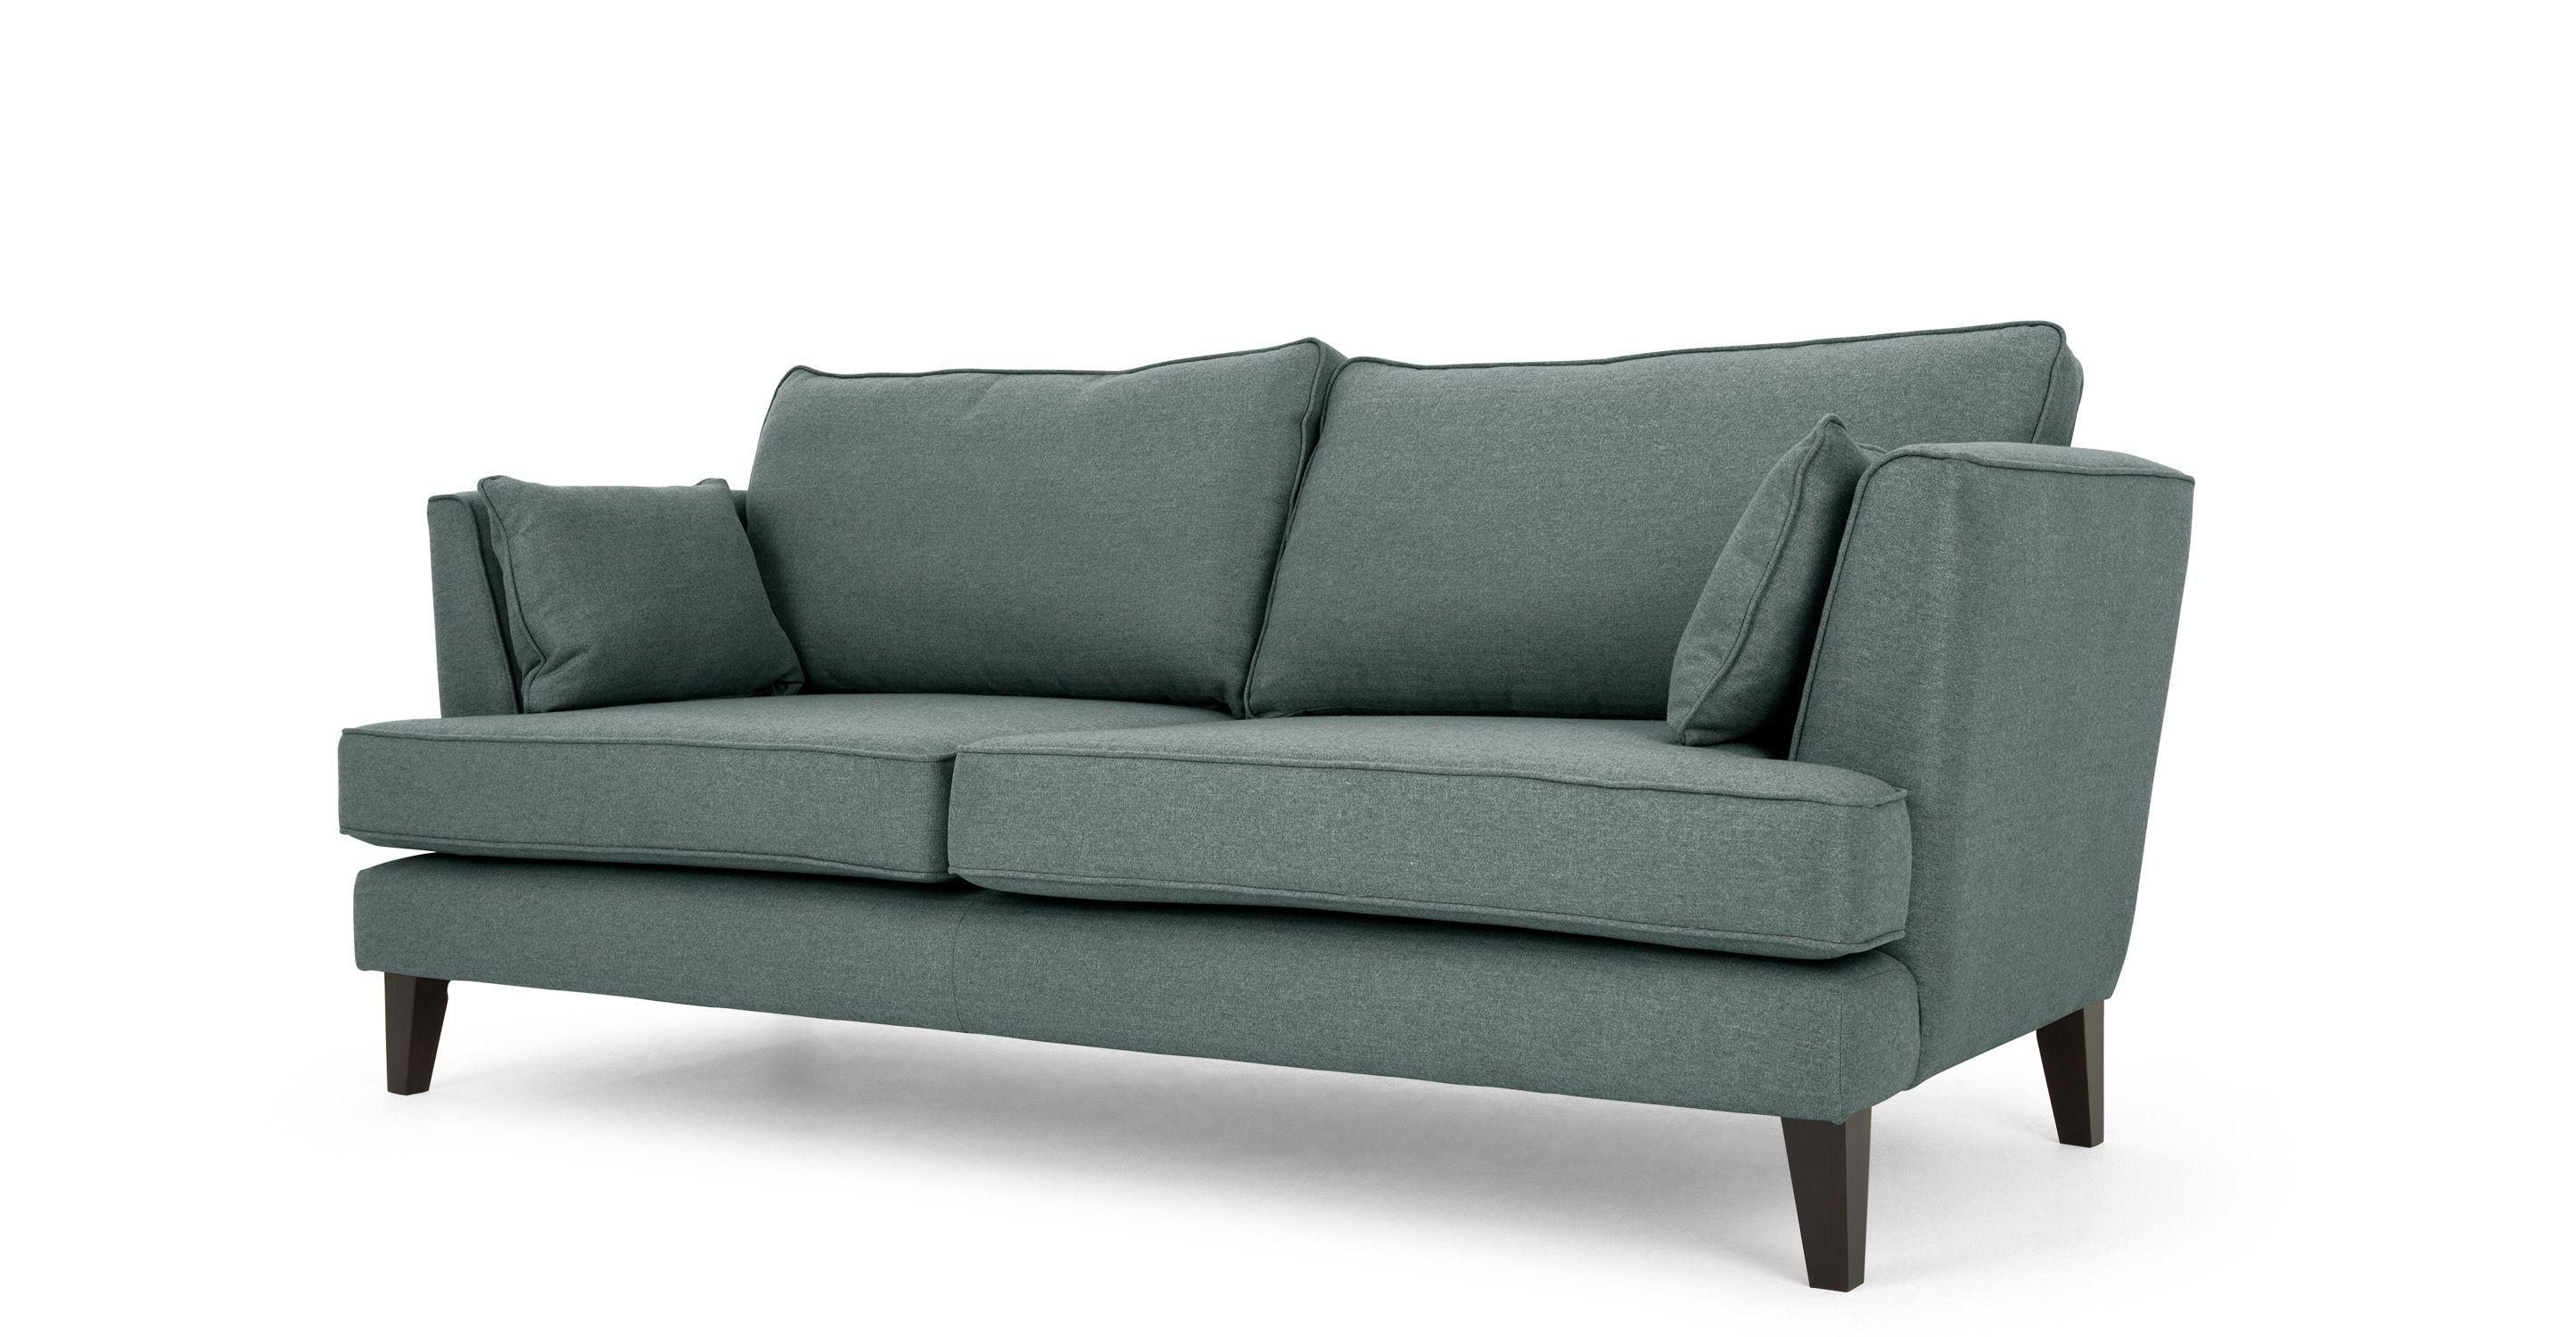 Dfs+Luppo - Luppo 3 Seater Sofa Revive - Dfs -